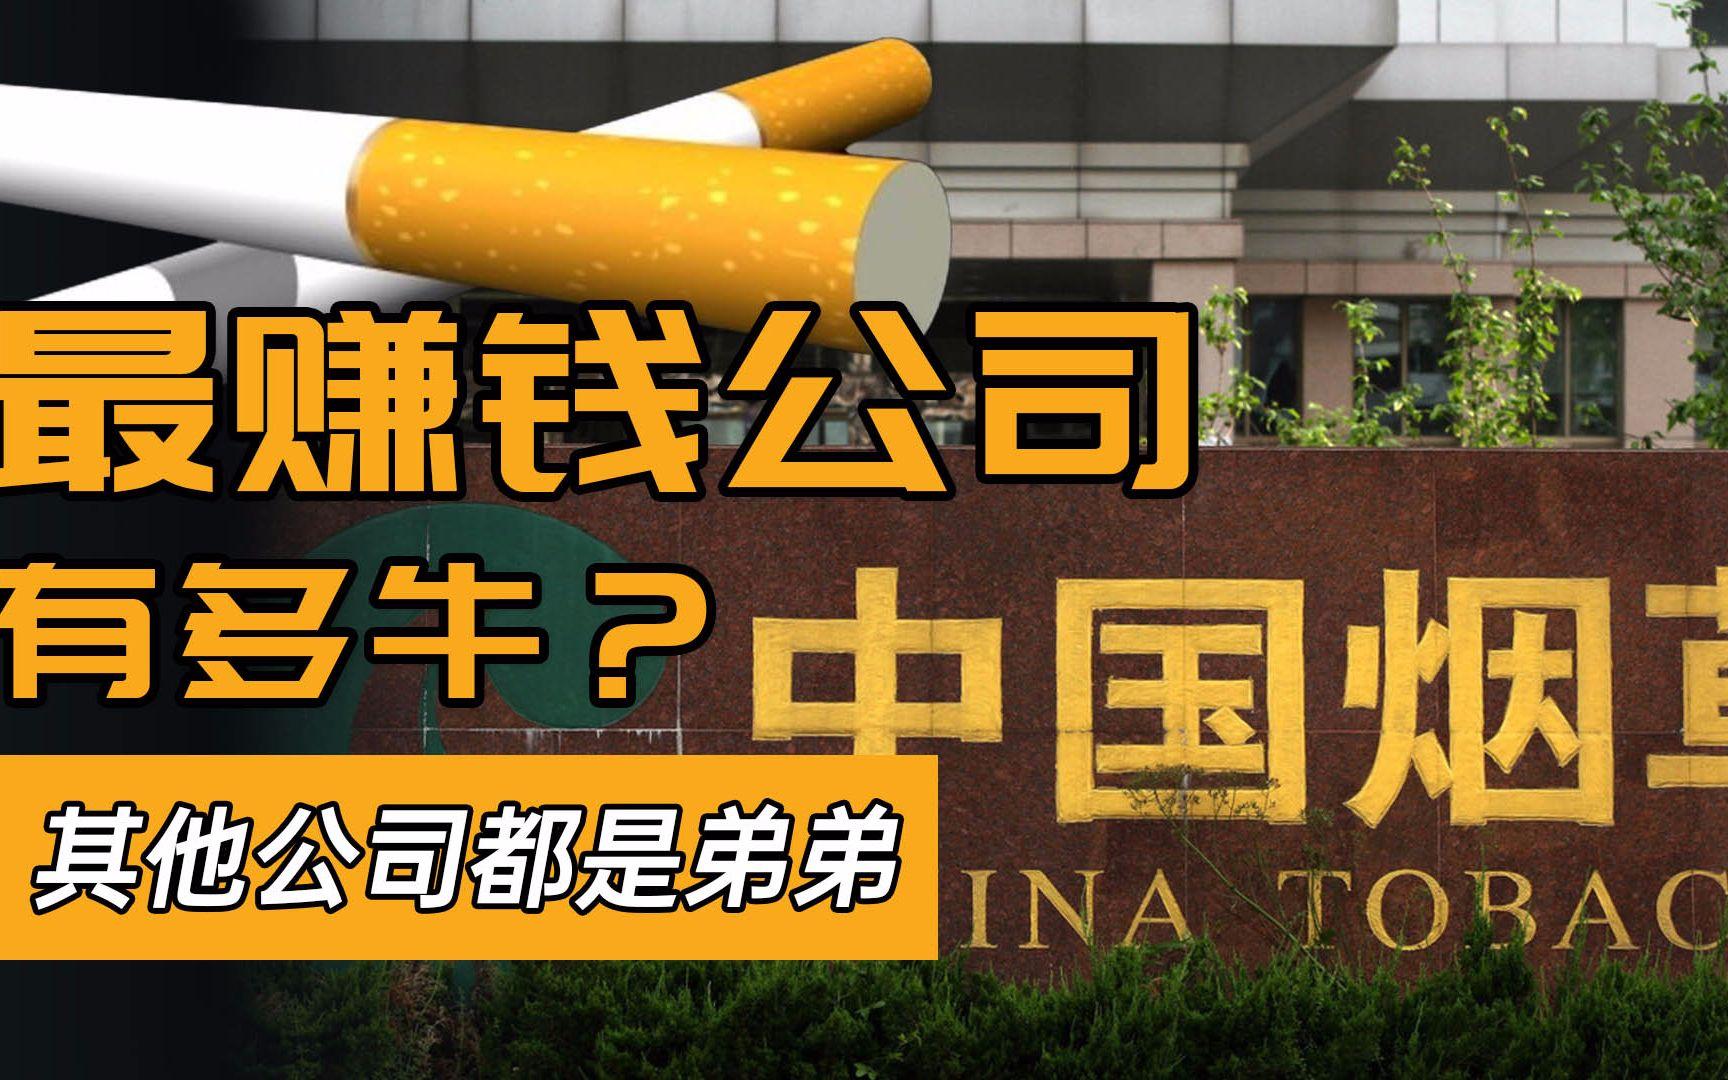 中国烟民力量有多强大? 烟草总公司销量, 力压国外烟草四大家族!